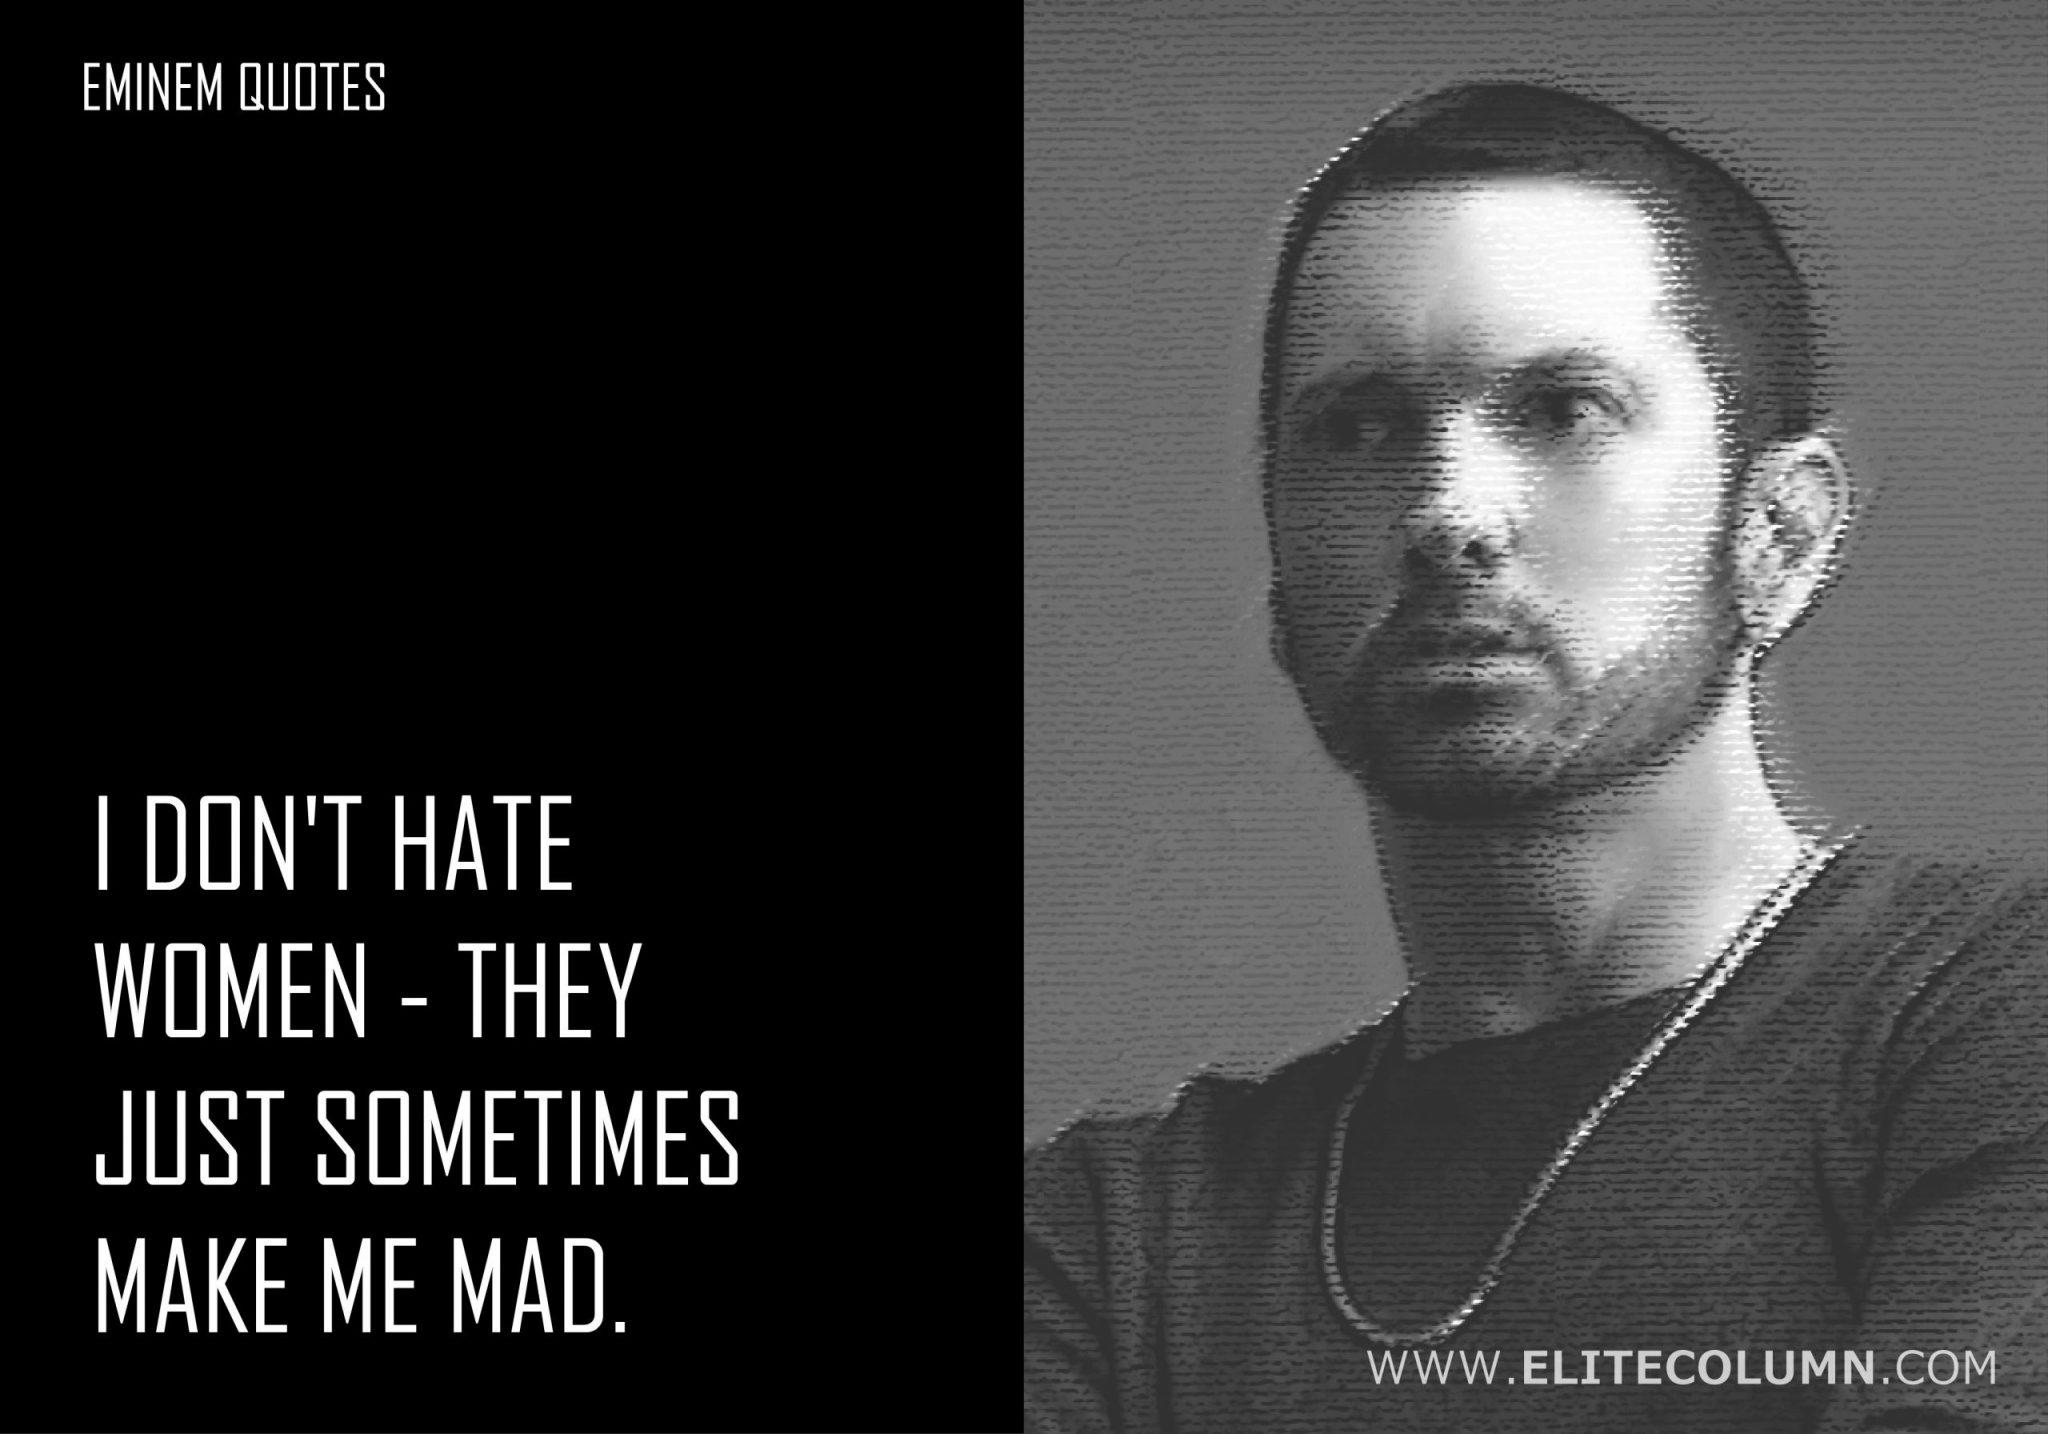 Eminem Quotes (7)